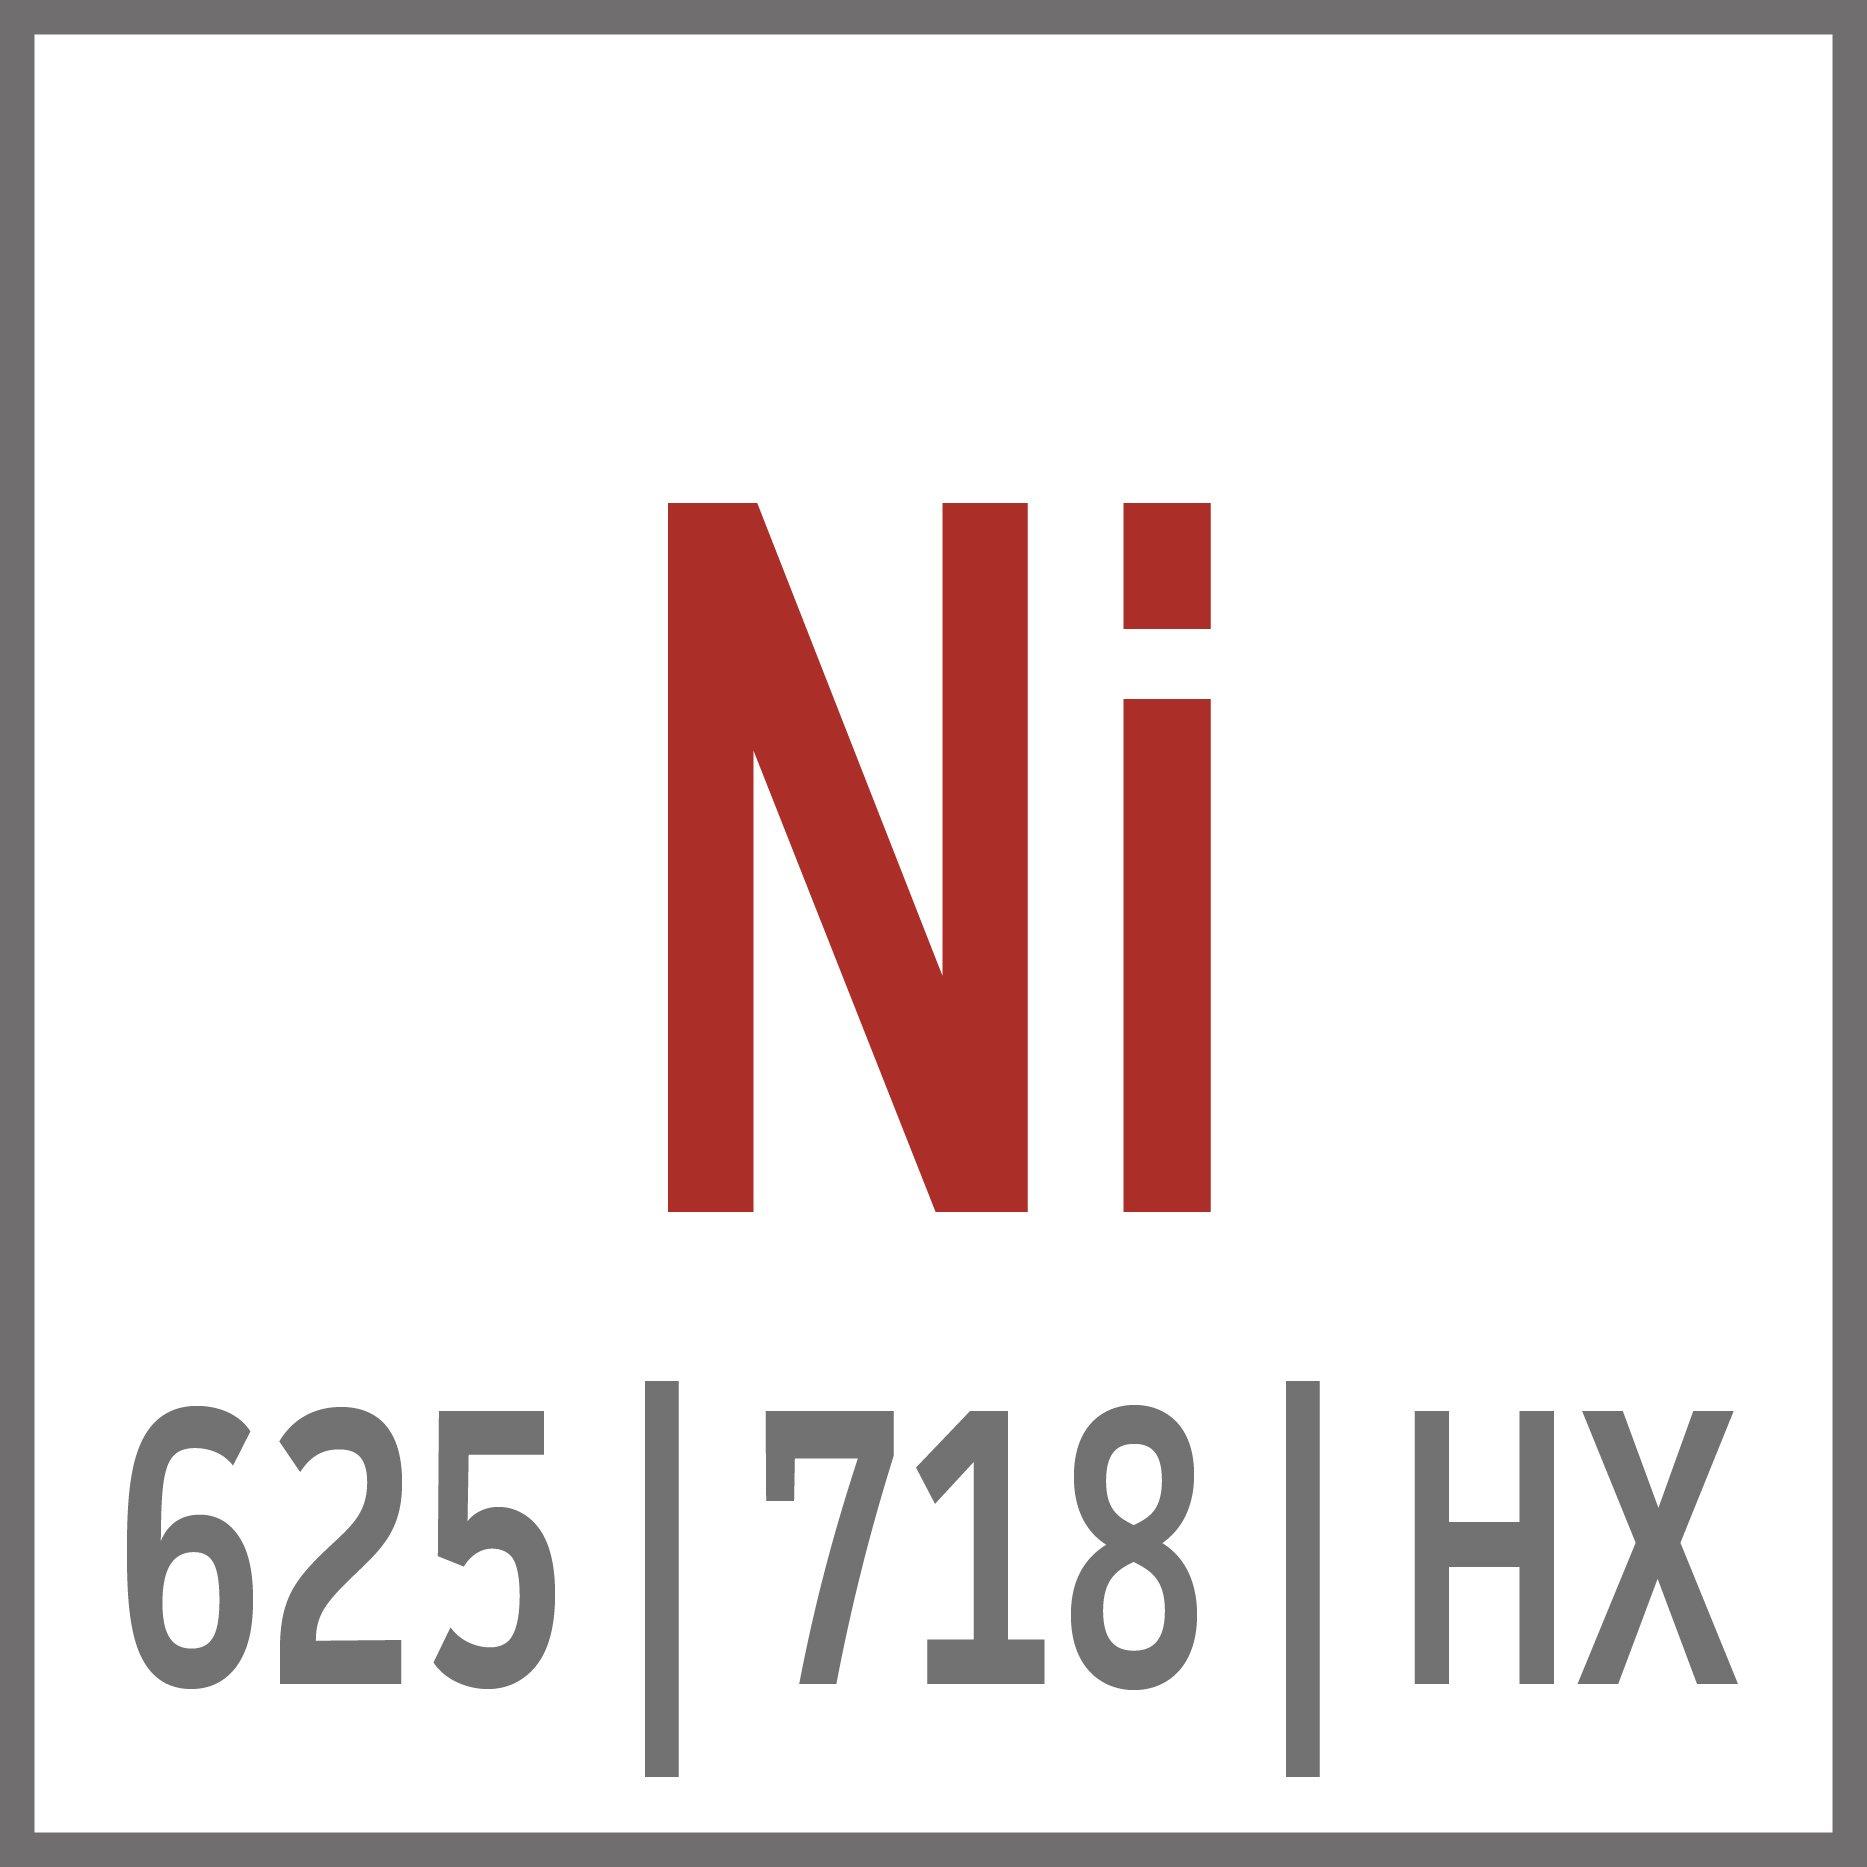 Ni-625, Ni-718, Ni-HX Brochure